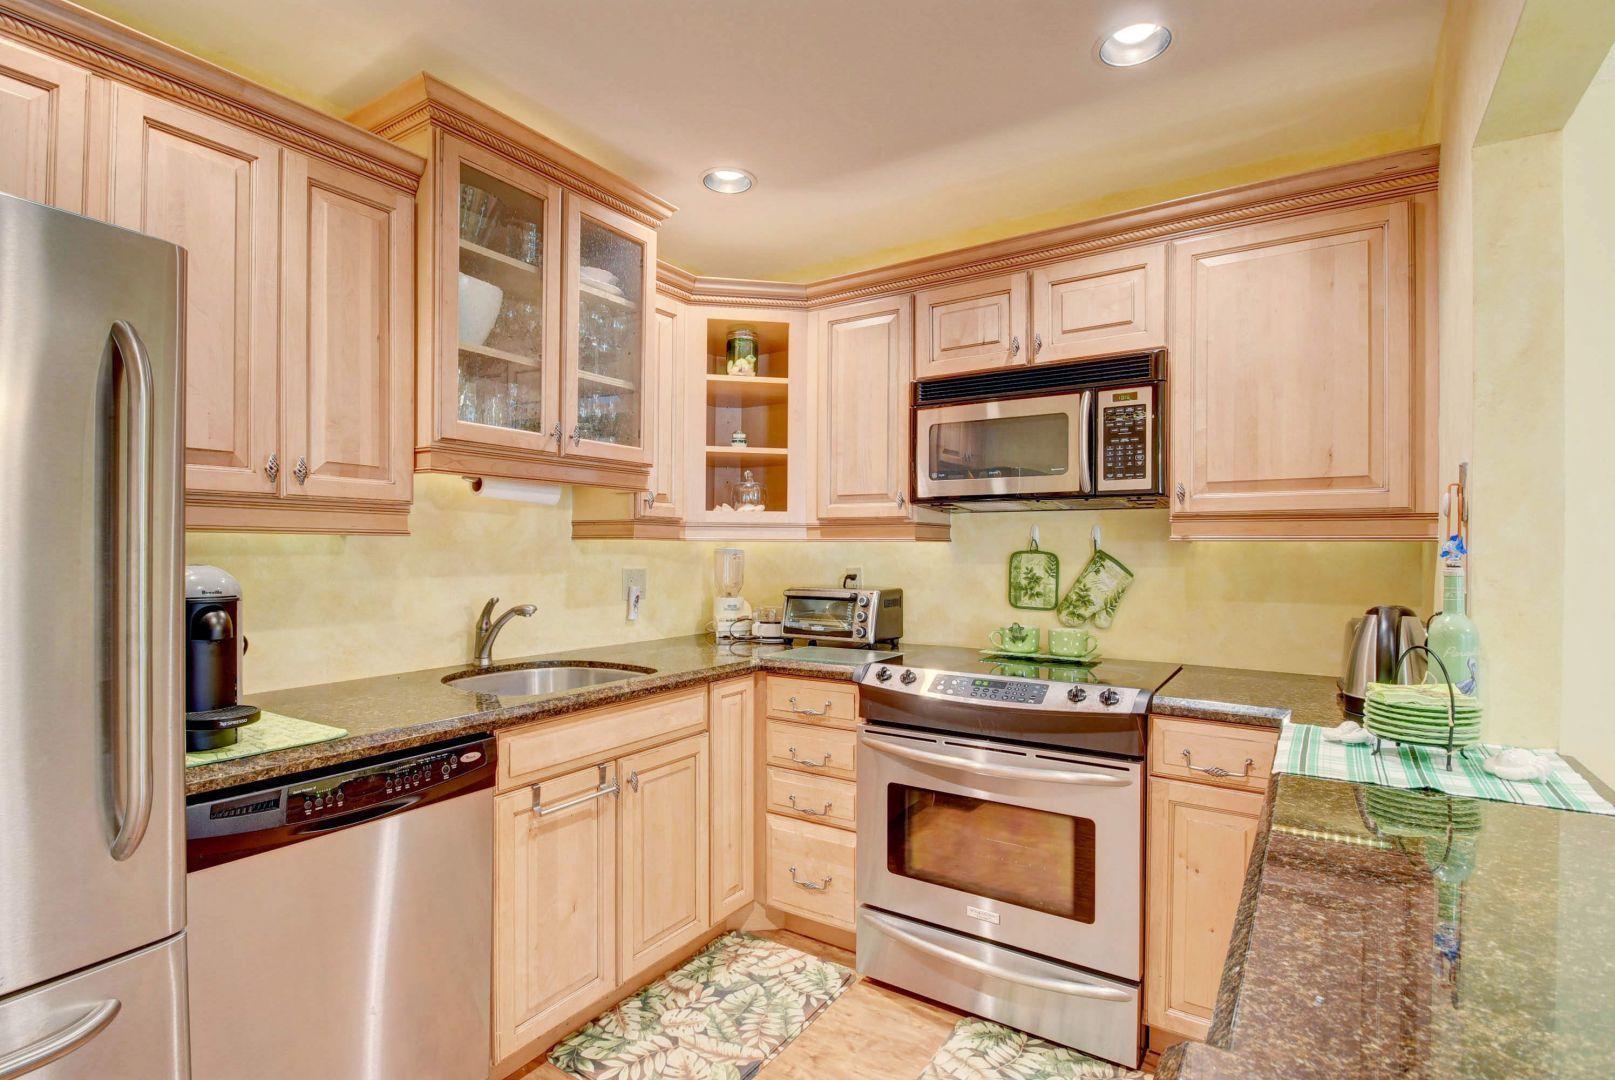 421 Pine Glen Lane, Greenacres, Florida 33463, 2 Bedrooms Bedrooms, ,2 BathroomsBathrooms,Condo/Coop,For Sale,Pine Glen,2,RX-10496595